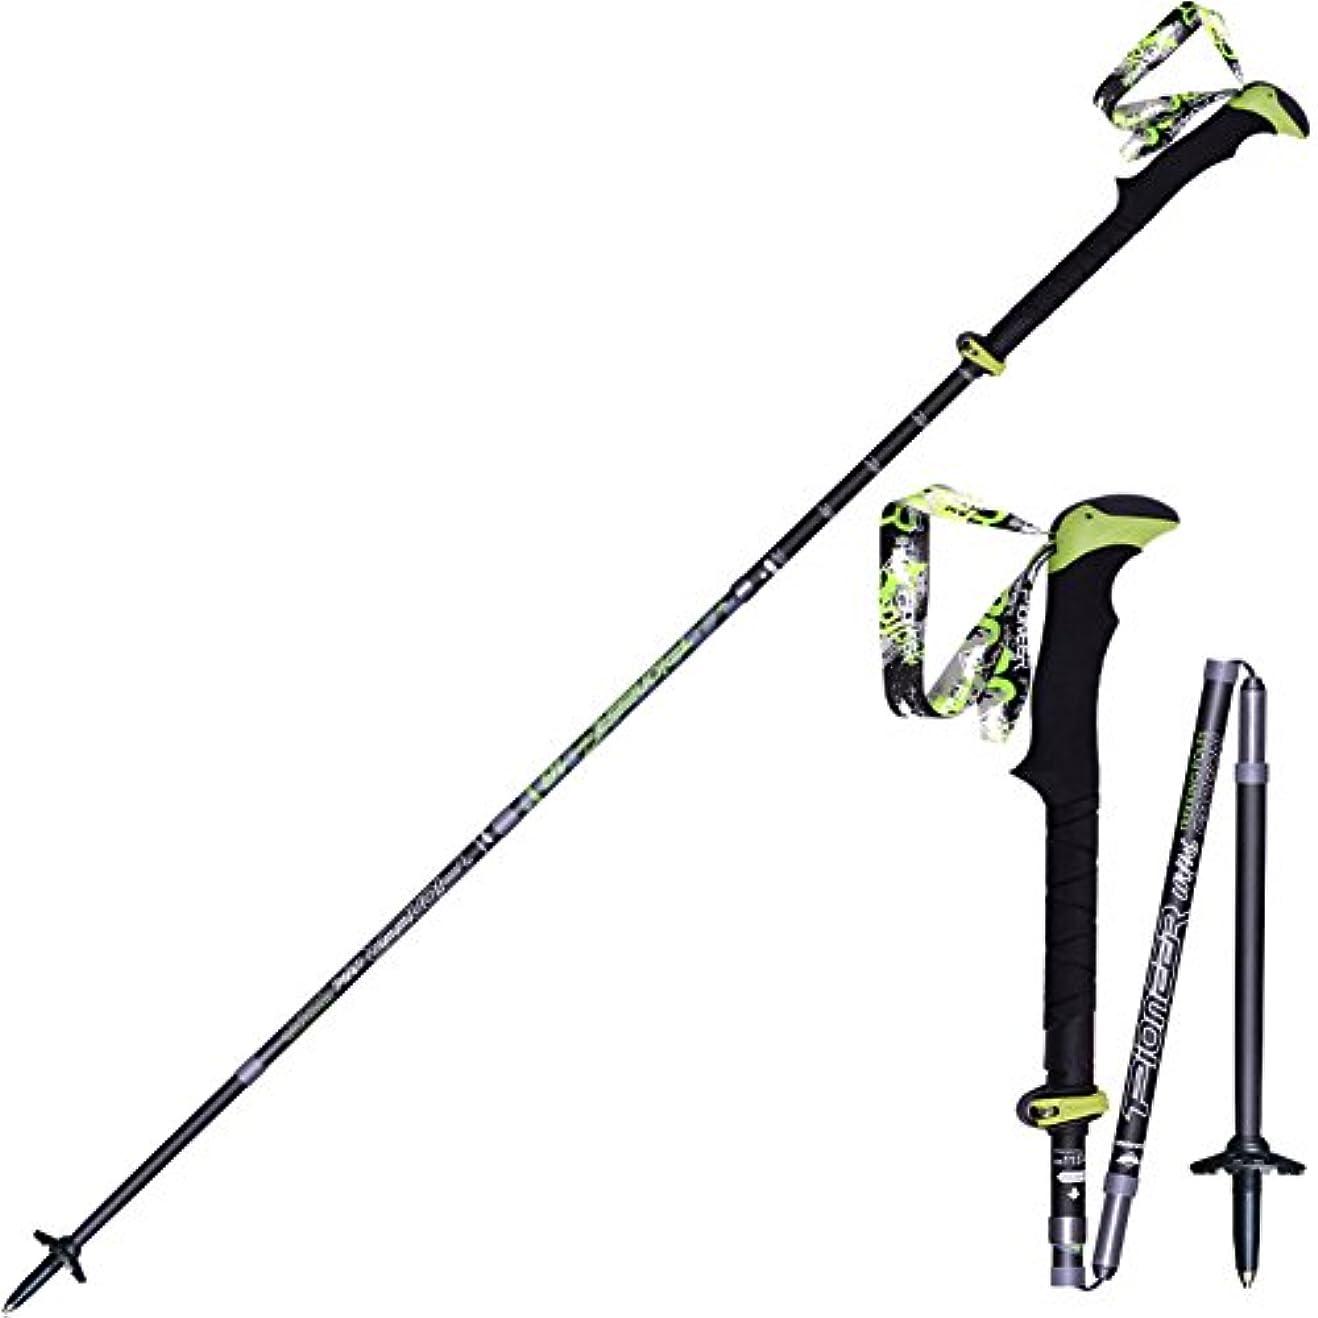 マーキー緑どうやらLe Fu yanウォーキングスティック、高さ調節可能軽量極Alpenstockハイキング伸縮ポールウォーキングSticks for Men and women-d